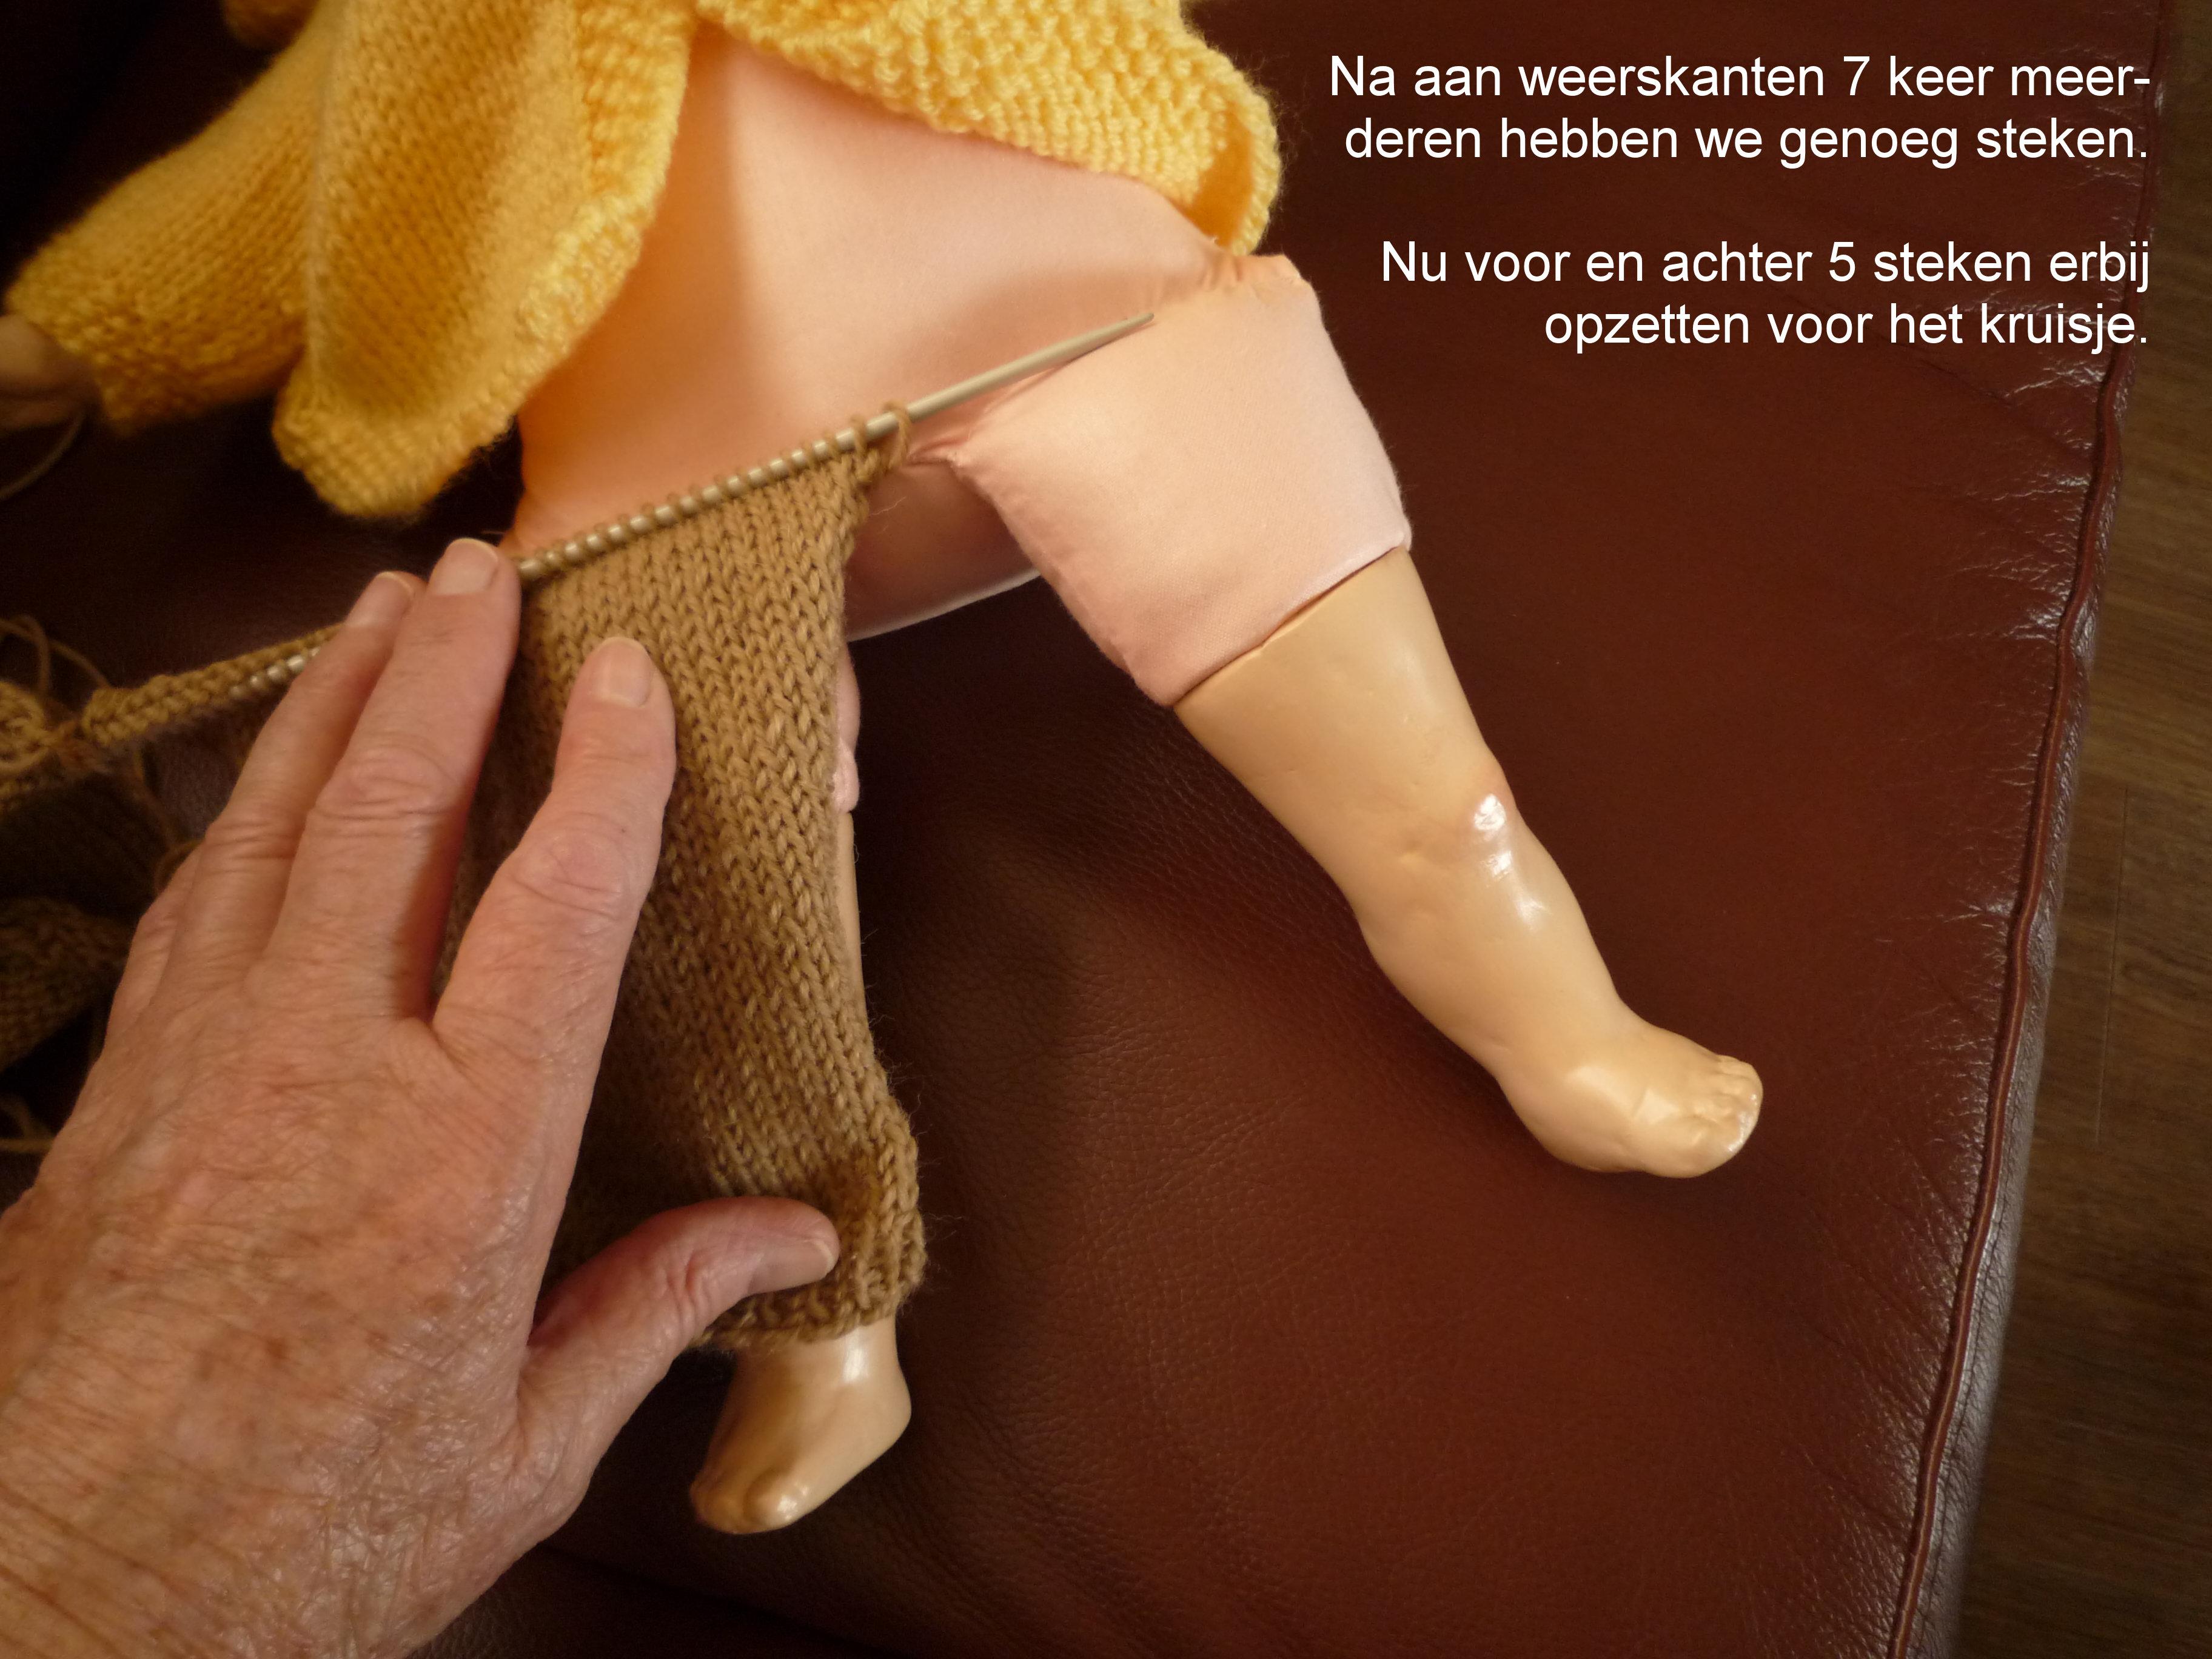 https://welkepopisdat.nl/afbeeldingen-Forum/DurvinaFotos/Bart%20en%20Daan%20(2).JPG